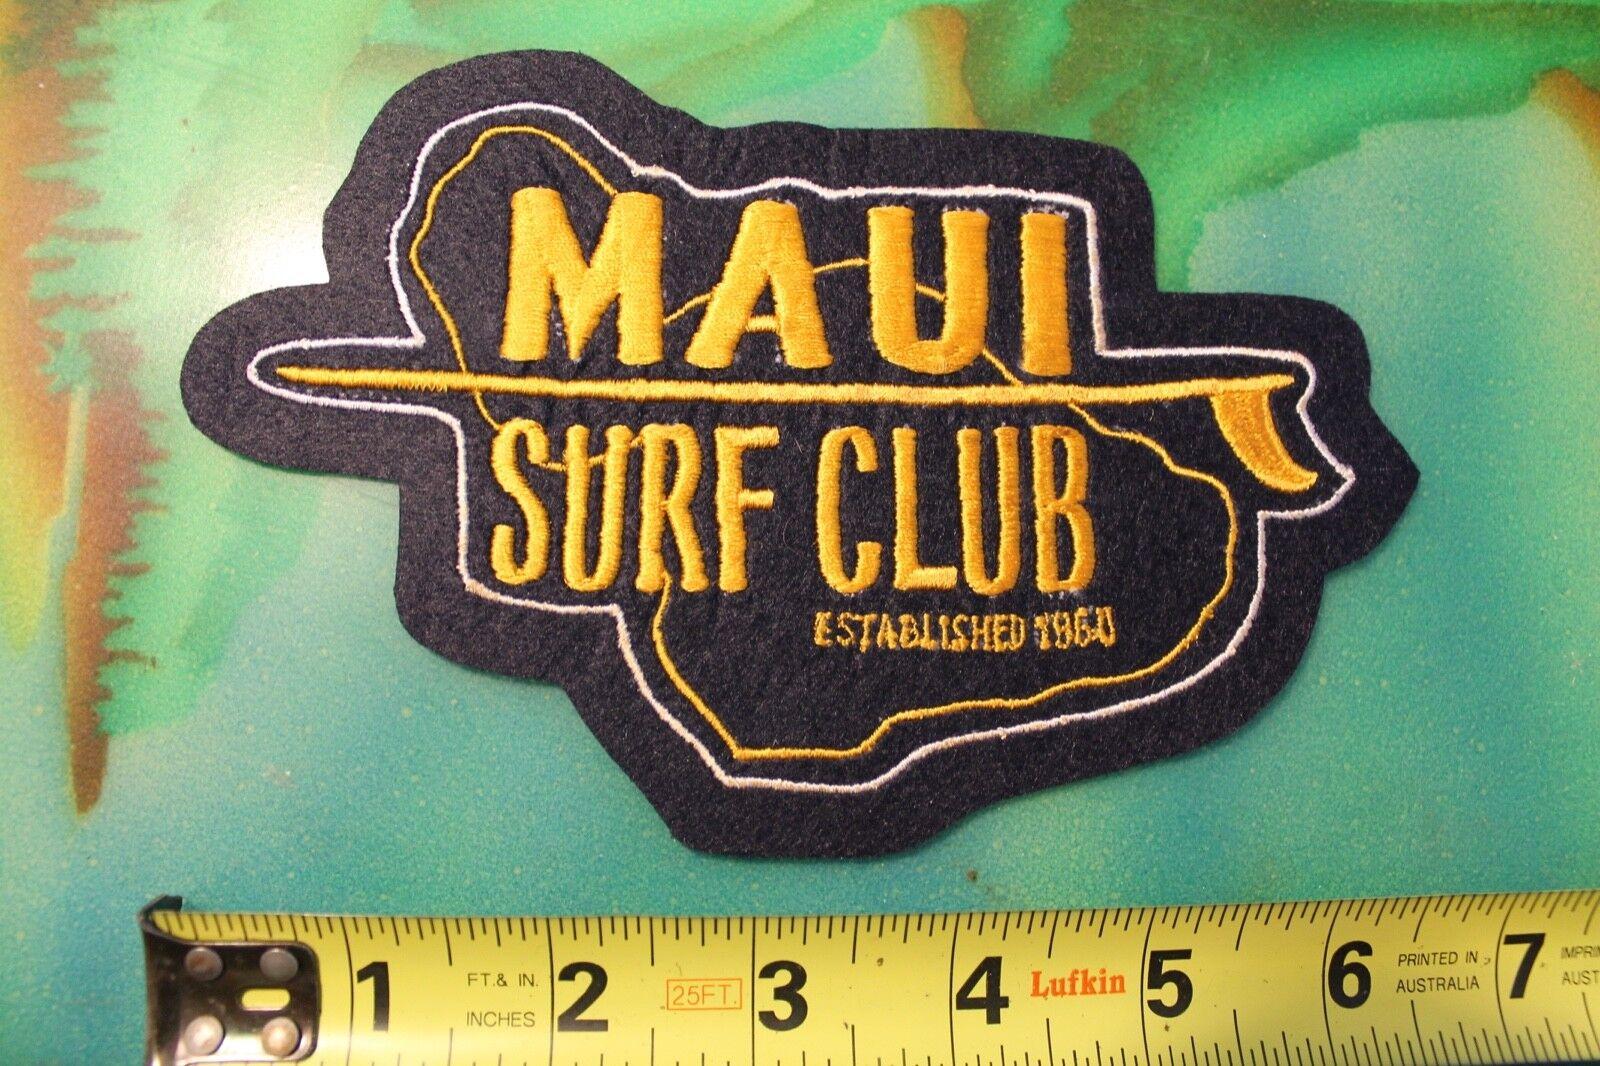 El Club de surf de Maui Island, la tabla larga de la isla, marca los años 60.